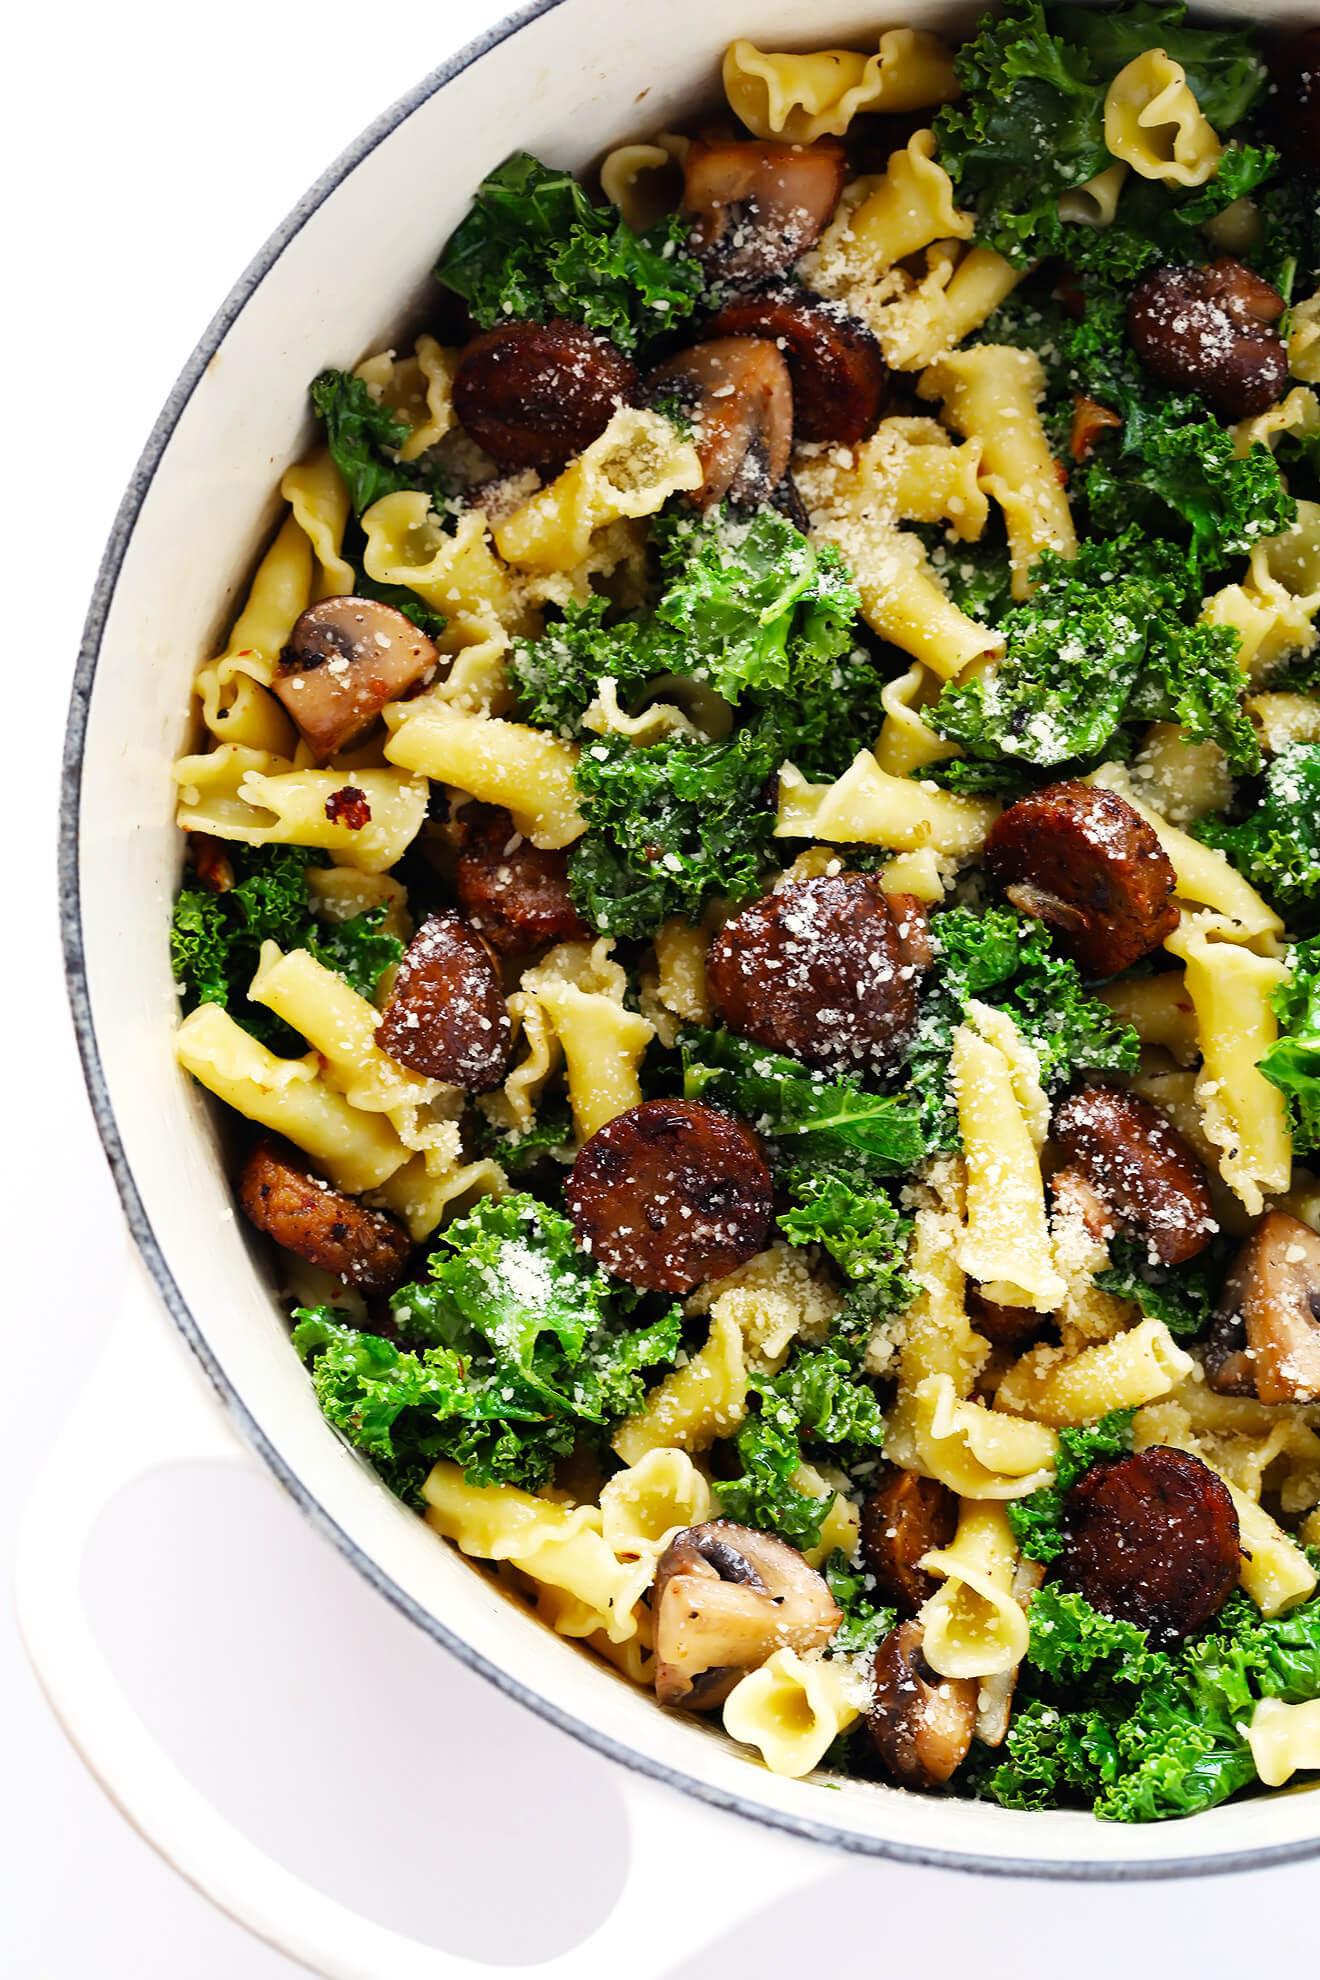 Spaghetti With Italian Sausage  Pasta with Italian Sausage Kale and Mushrooms